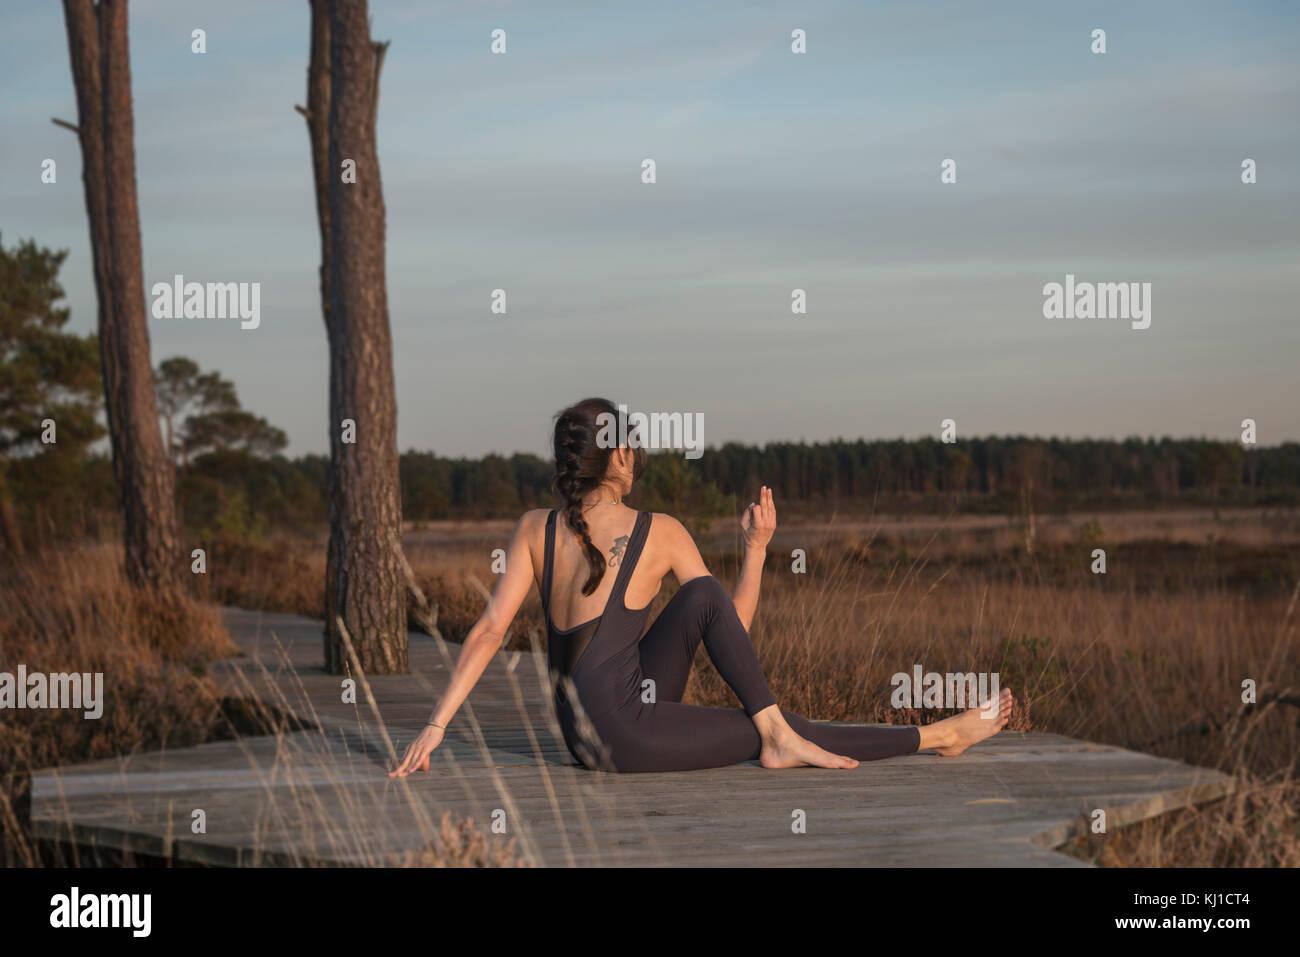 woman doing yoga, spinal twist yoga pose - Stock Image